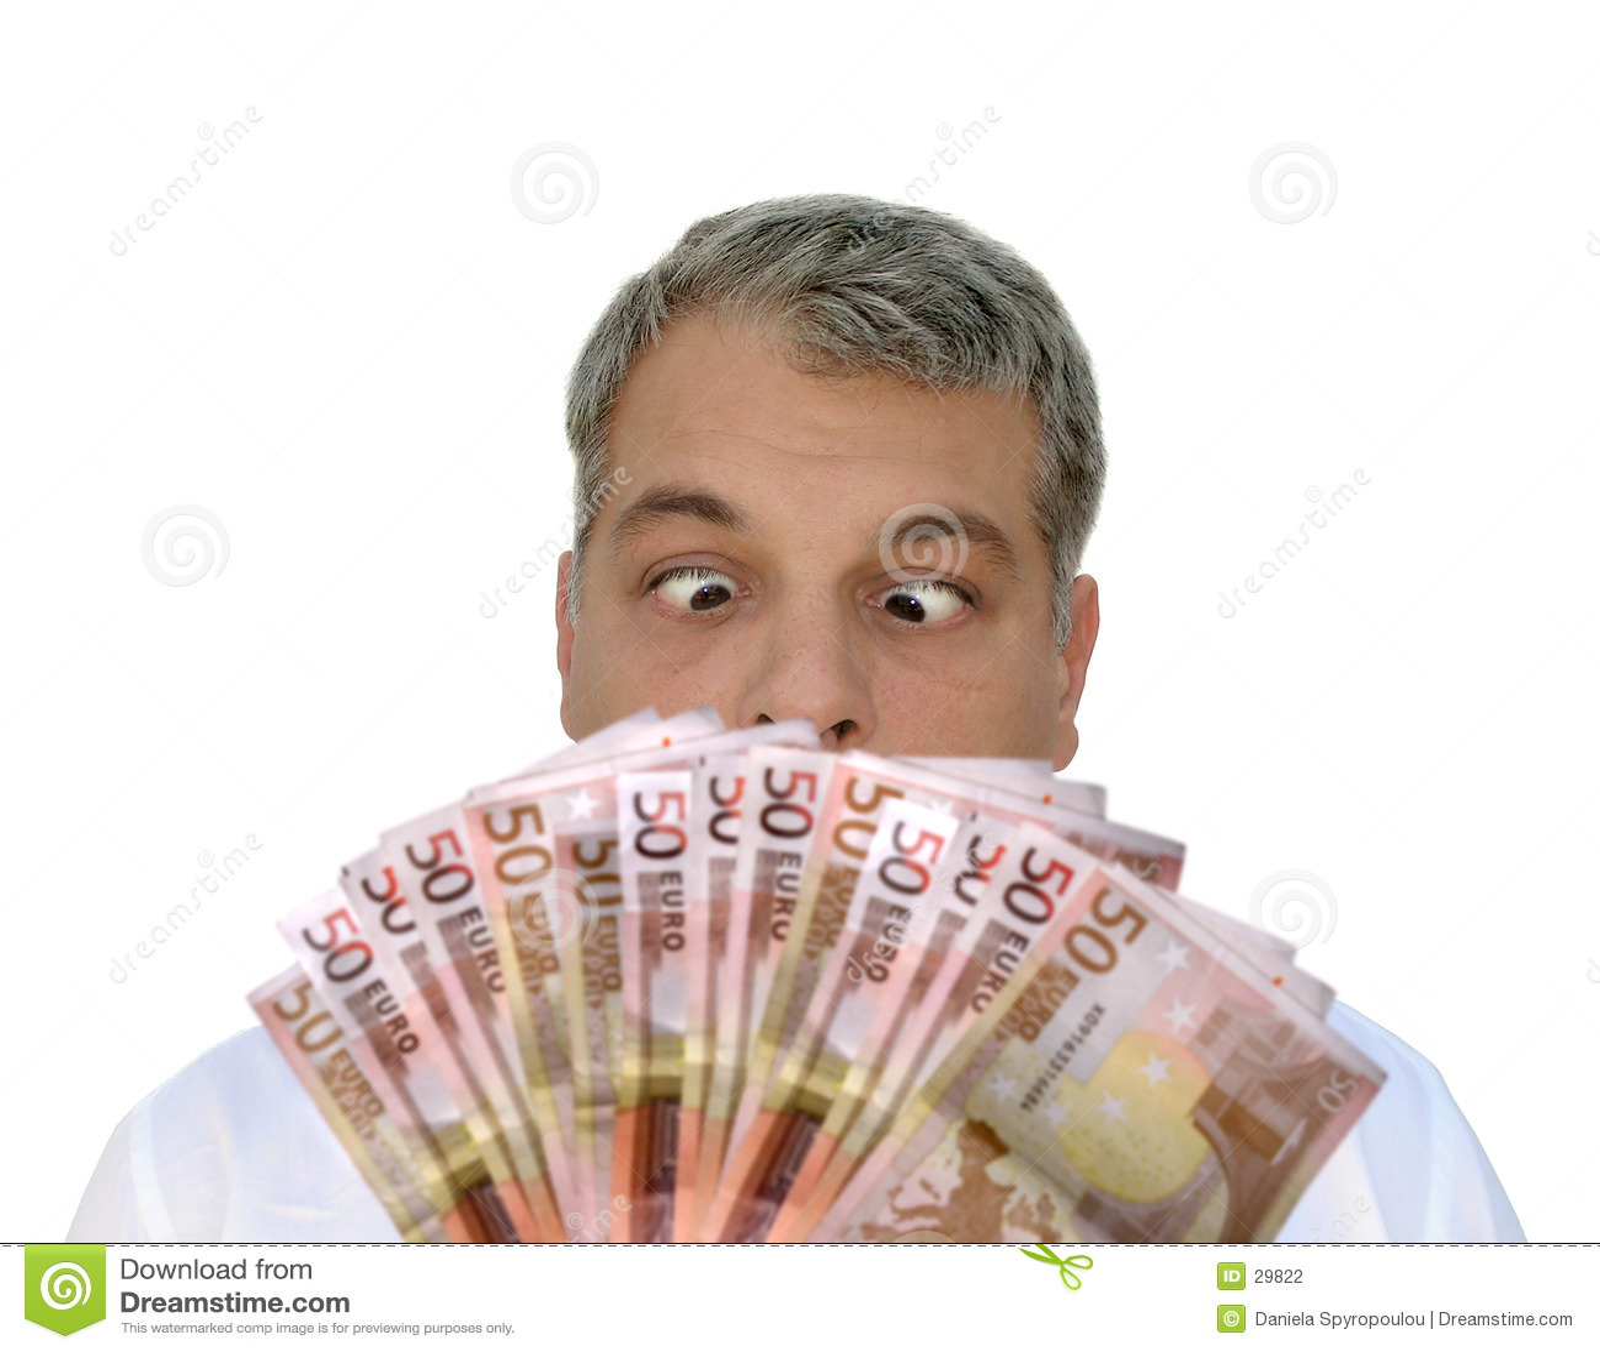 Ich wünsche dieses Geld!!